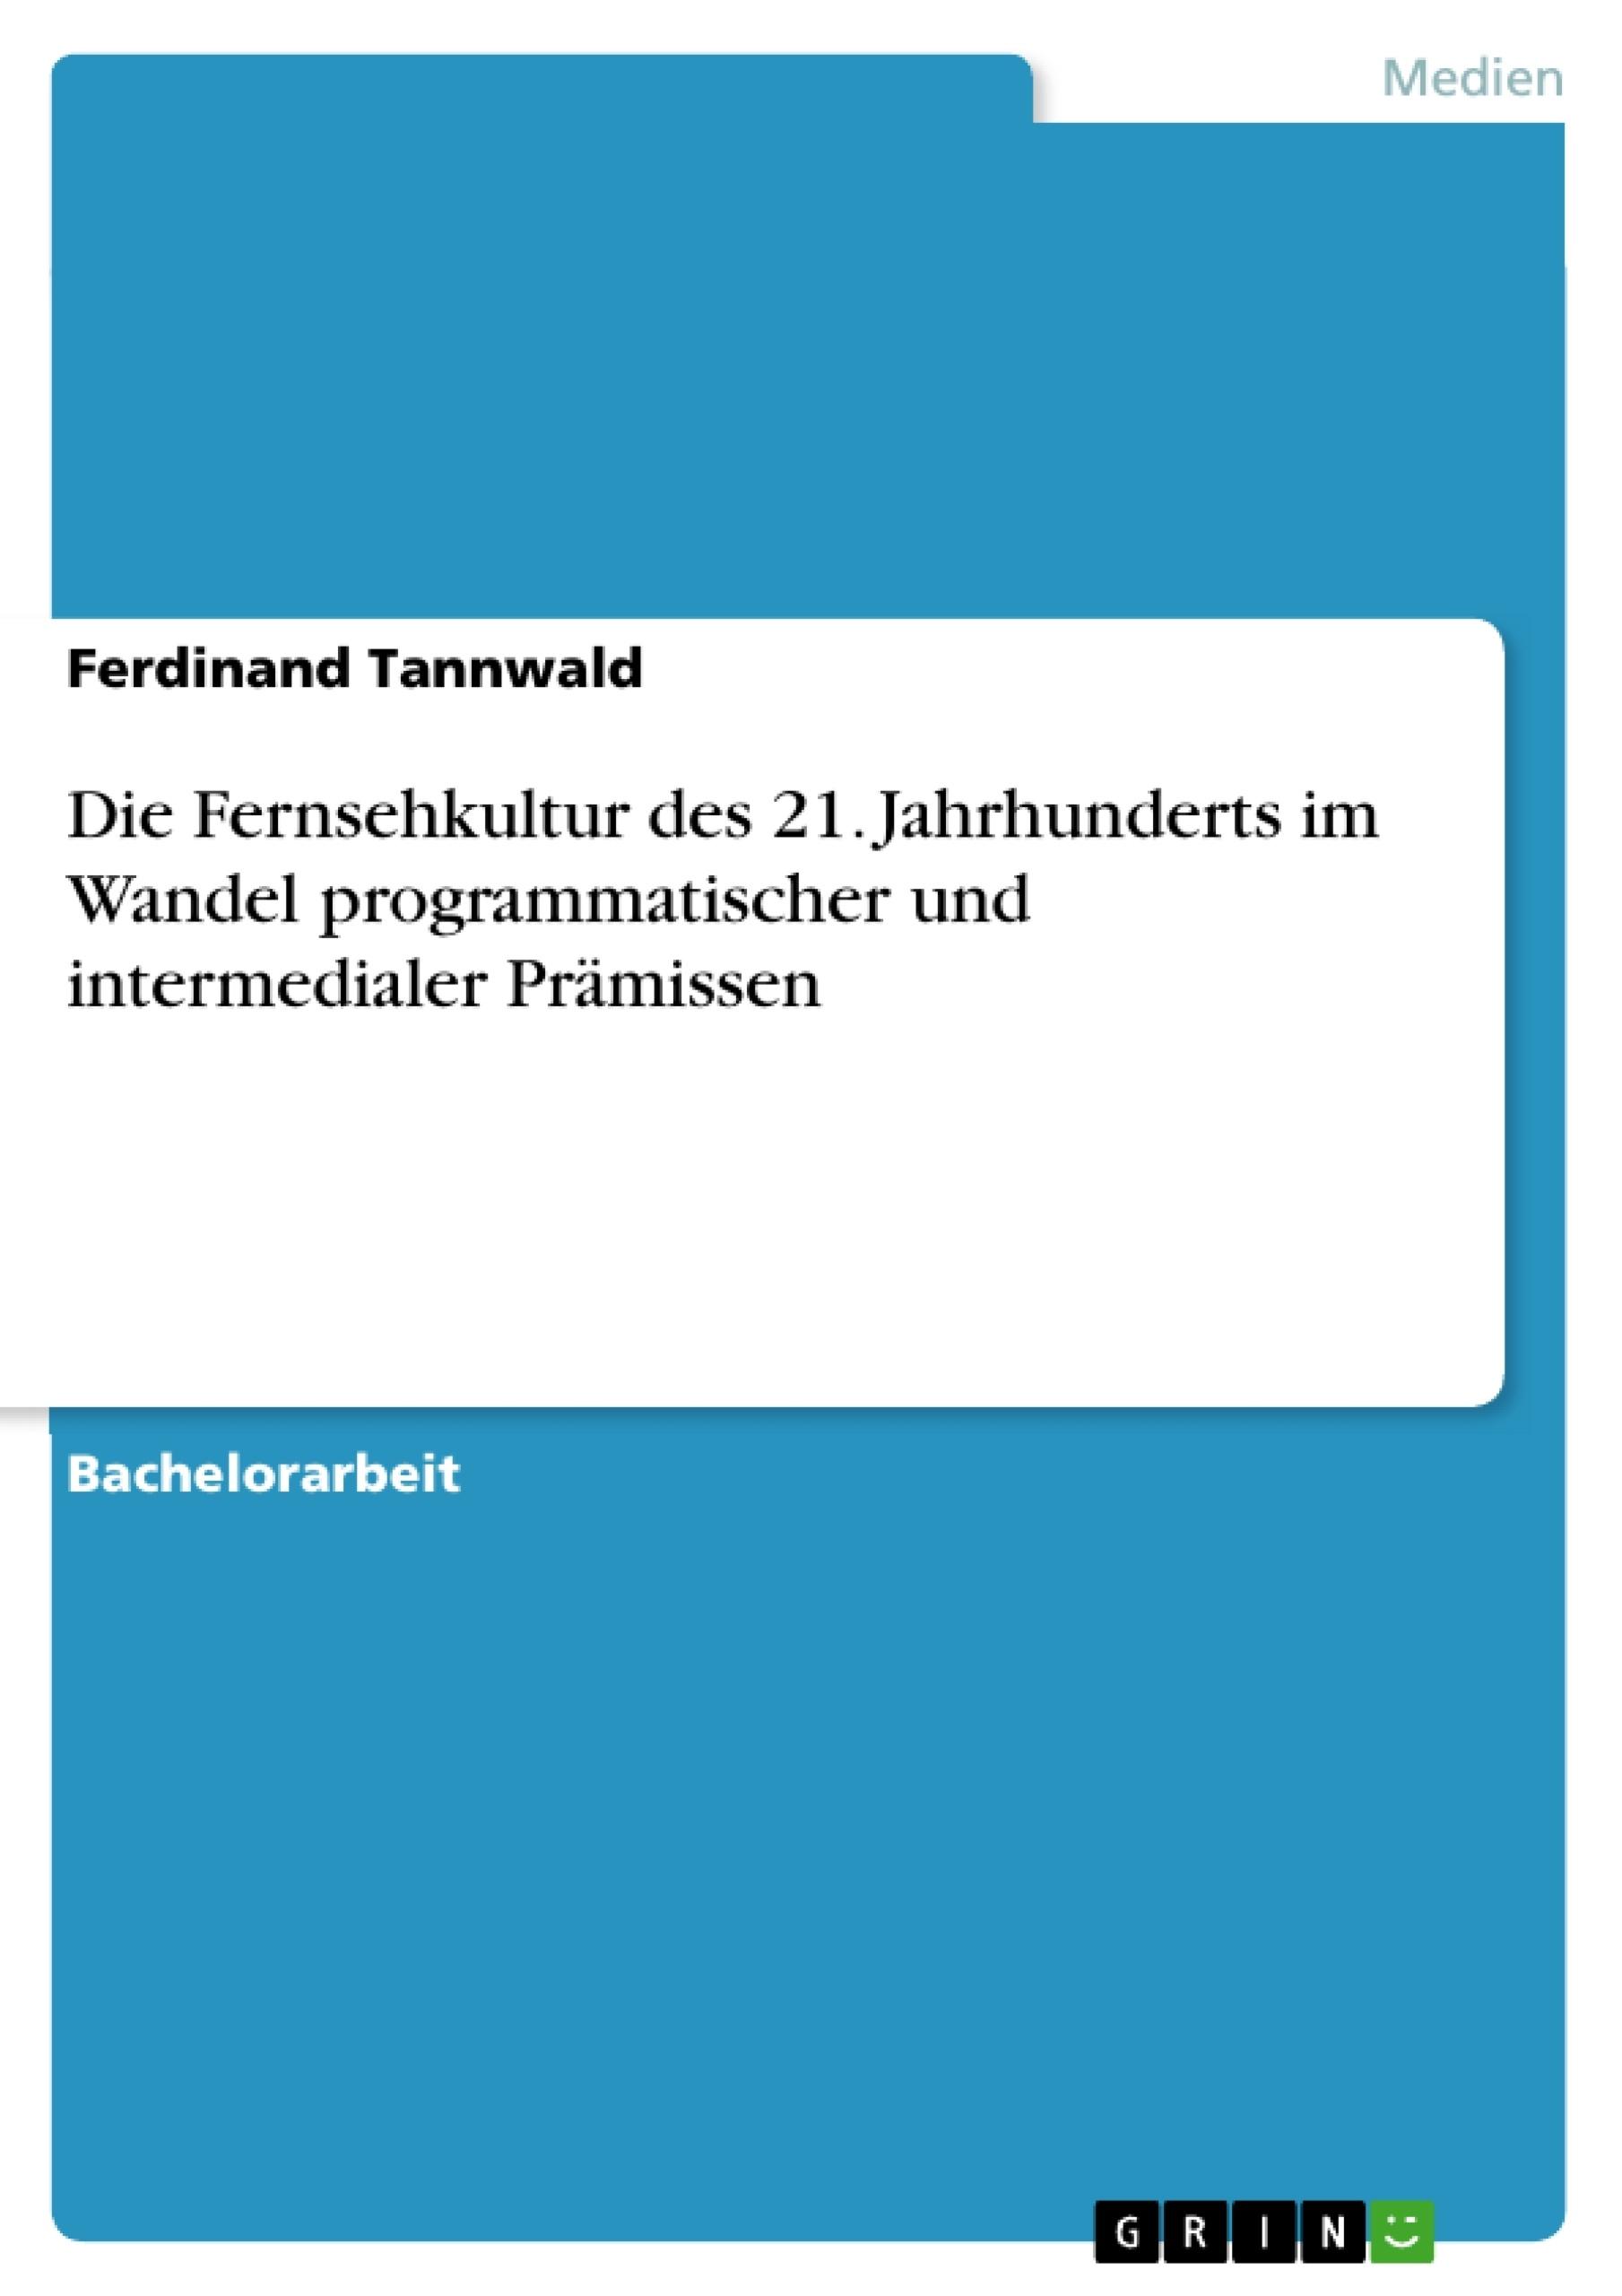 Titel: Die Fernsehkultur des 21. Jahrhunderts im Wandel programmatischer und intermedialer Prämissen